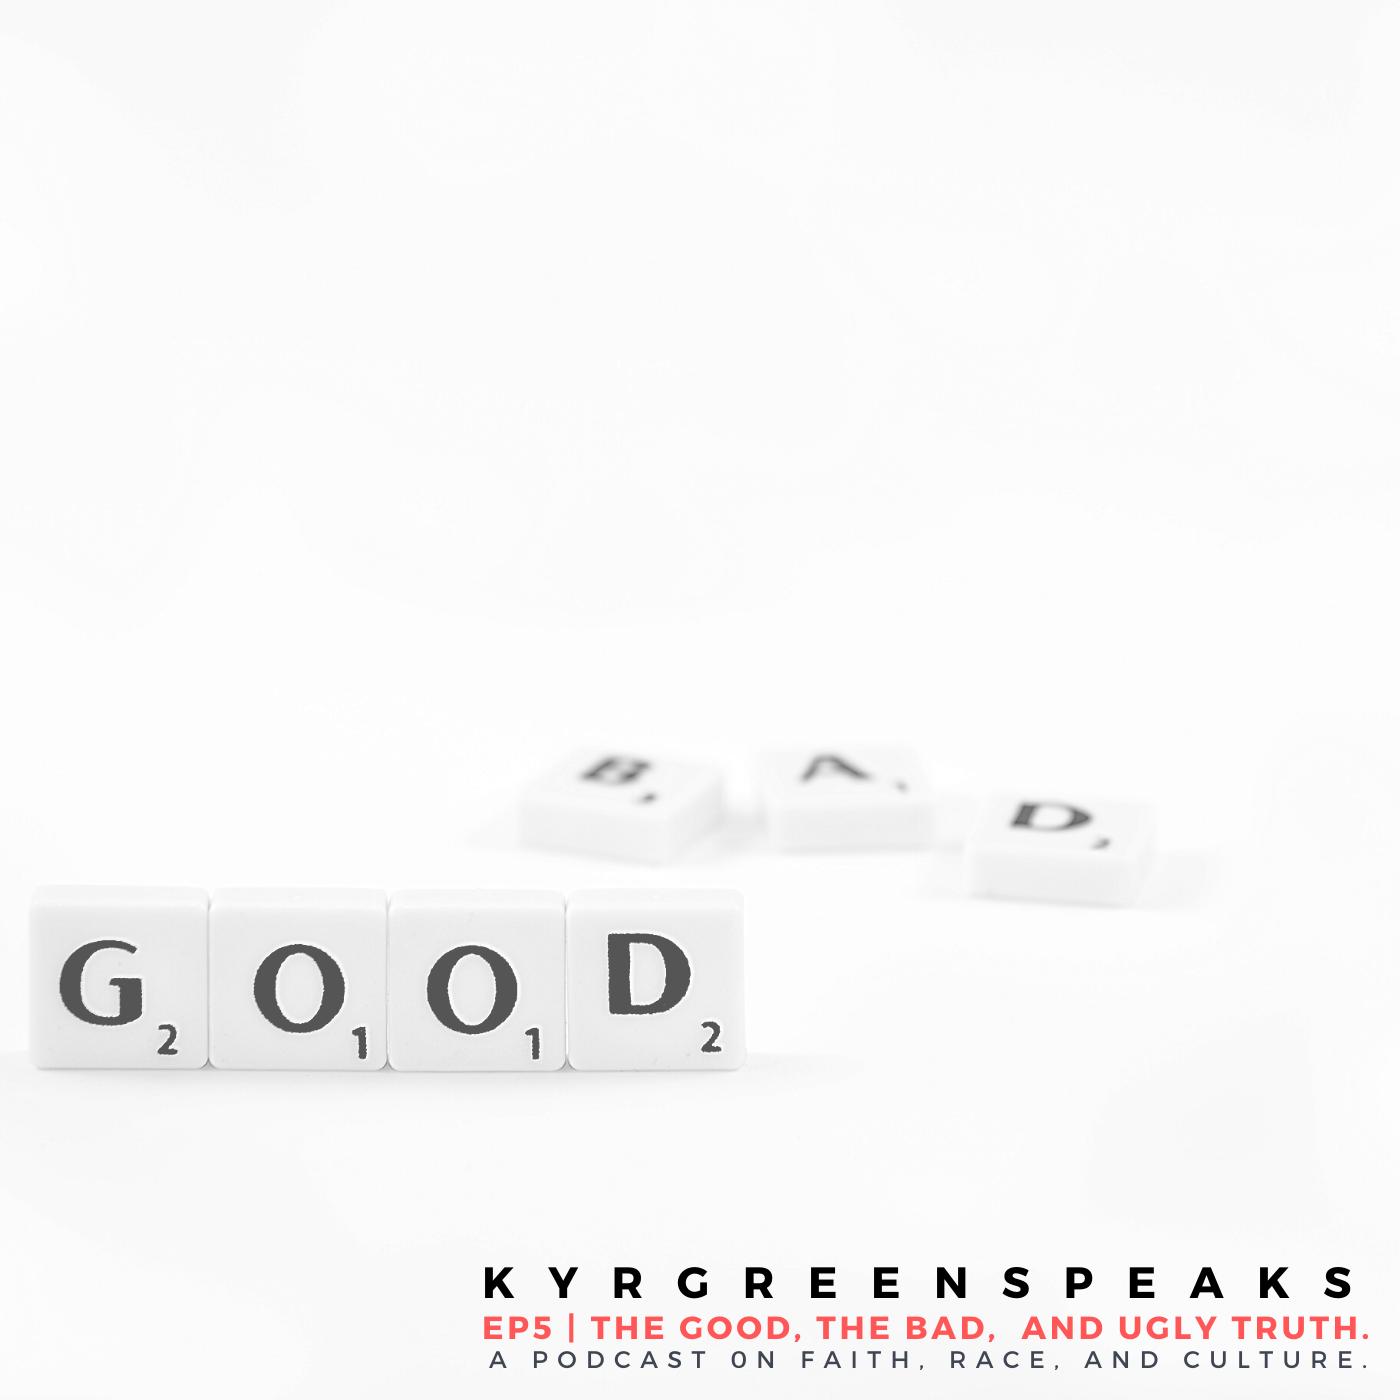 KyGreenSpeaks EP5 Podcast